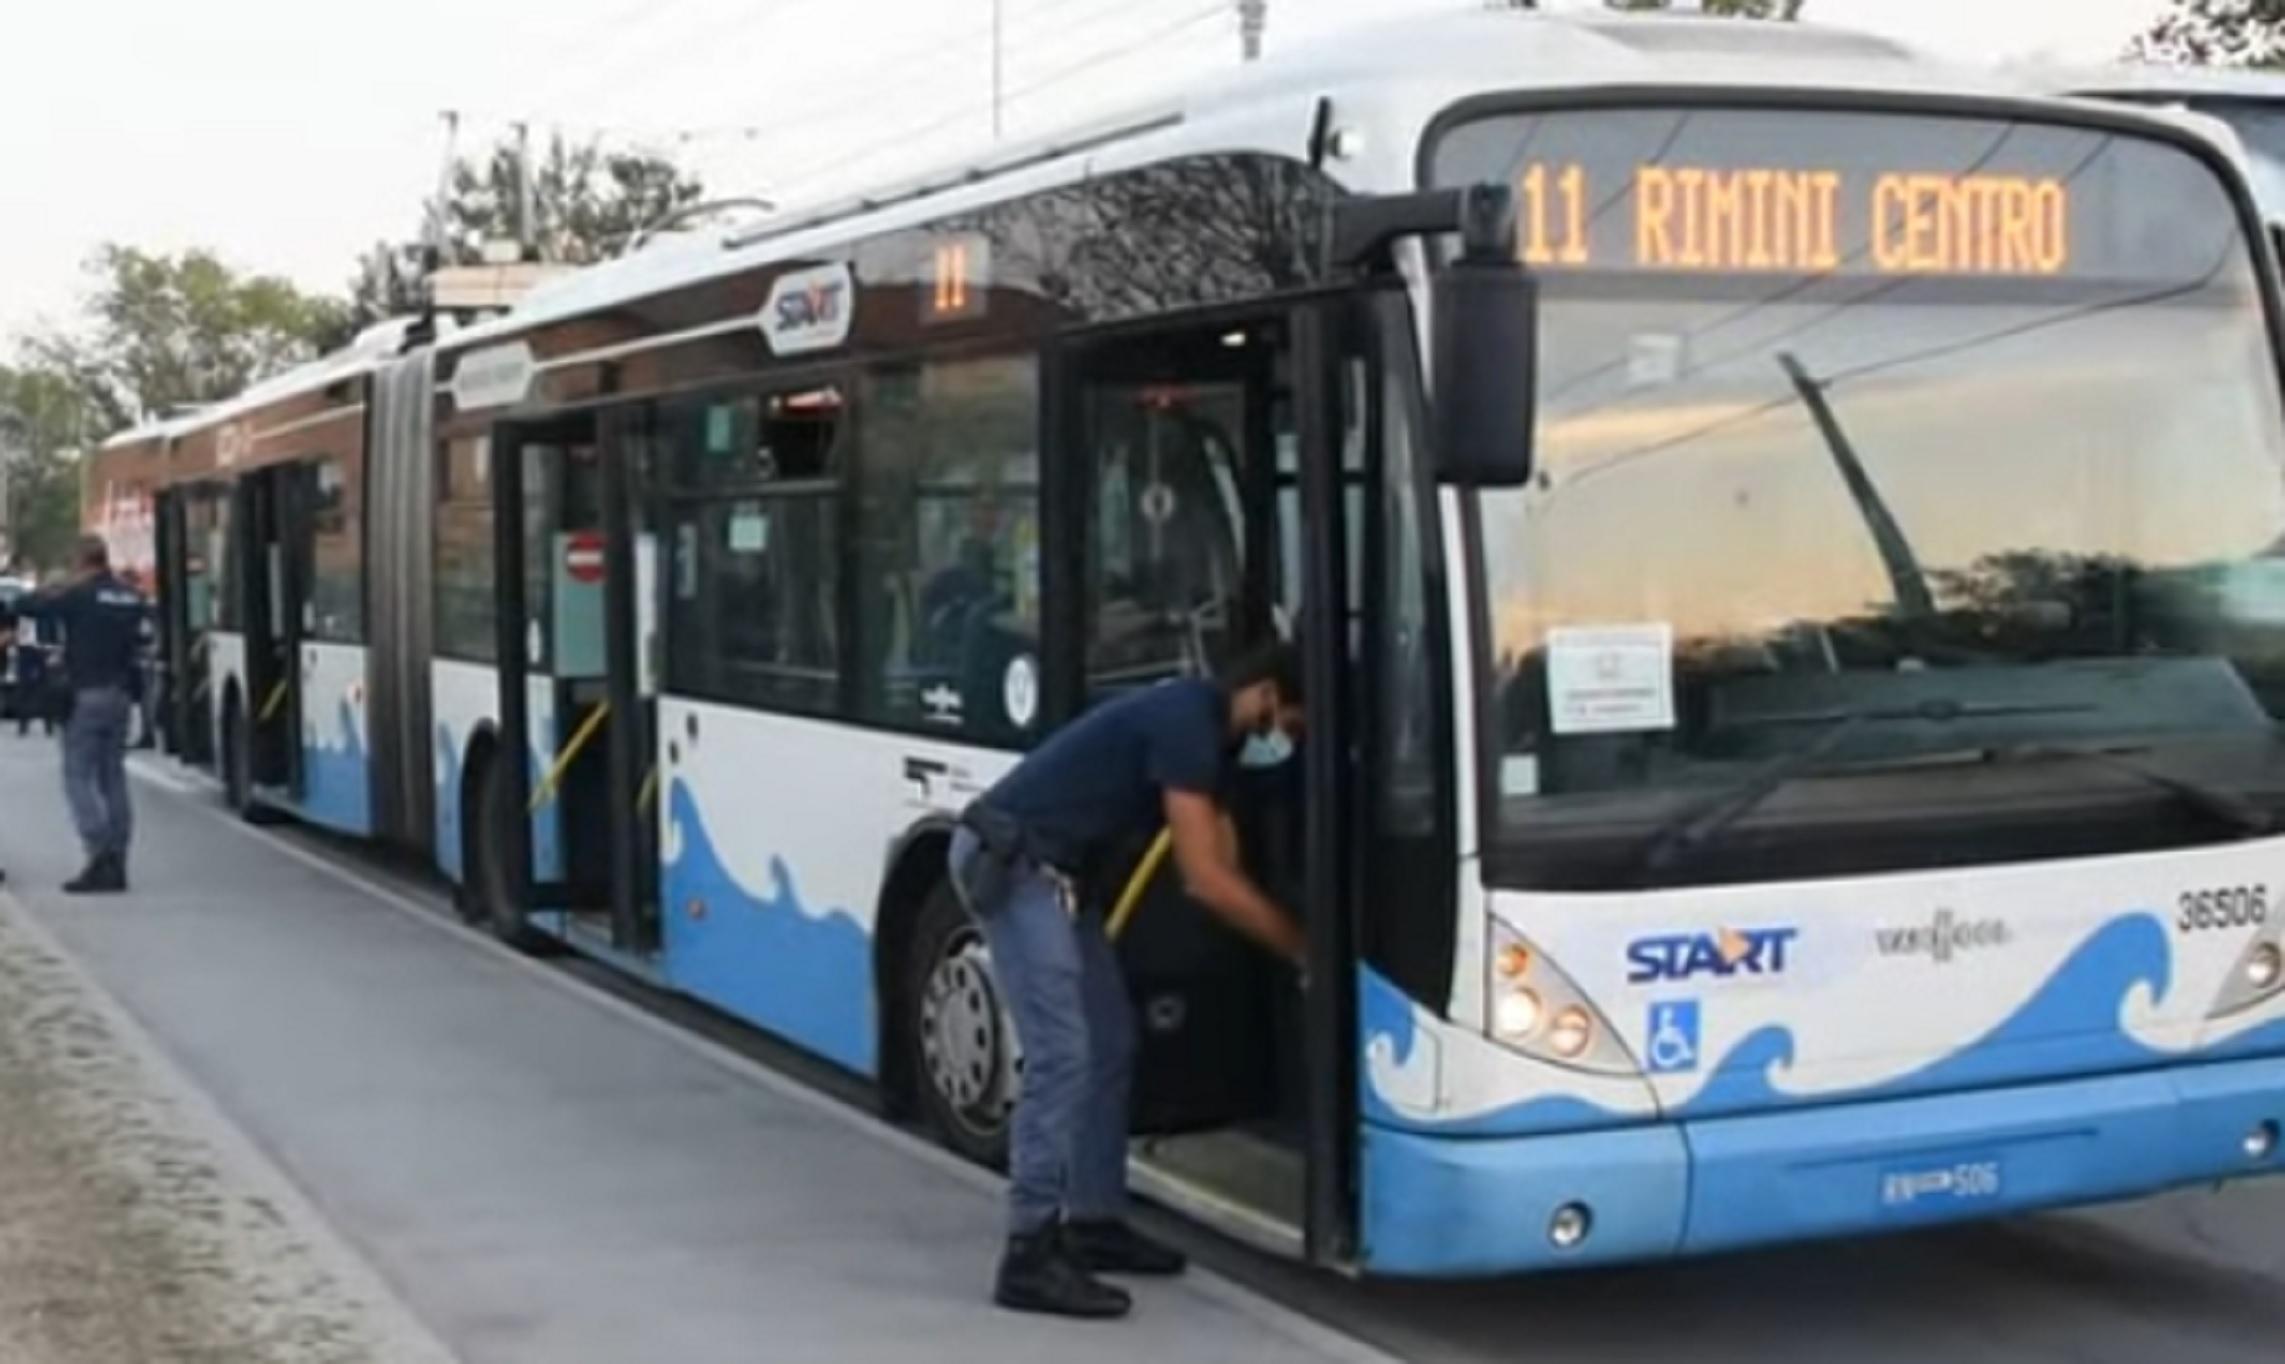 Ιταλία: Επιβάτης λεωφορείου σε αμόκ μαχαίρωσε 5 άτομα